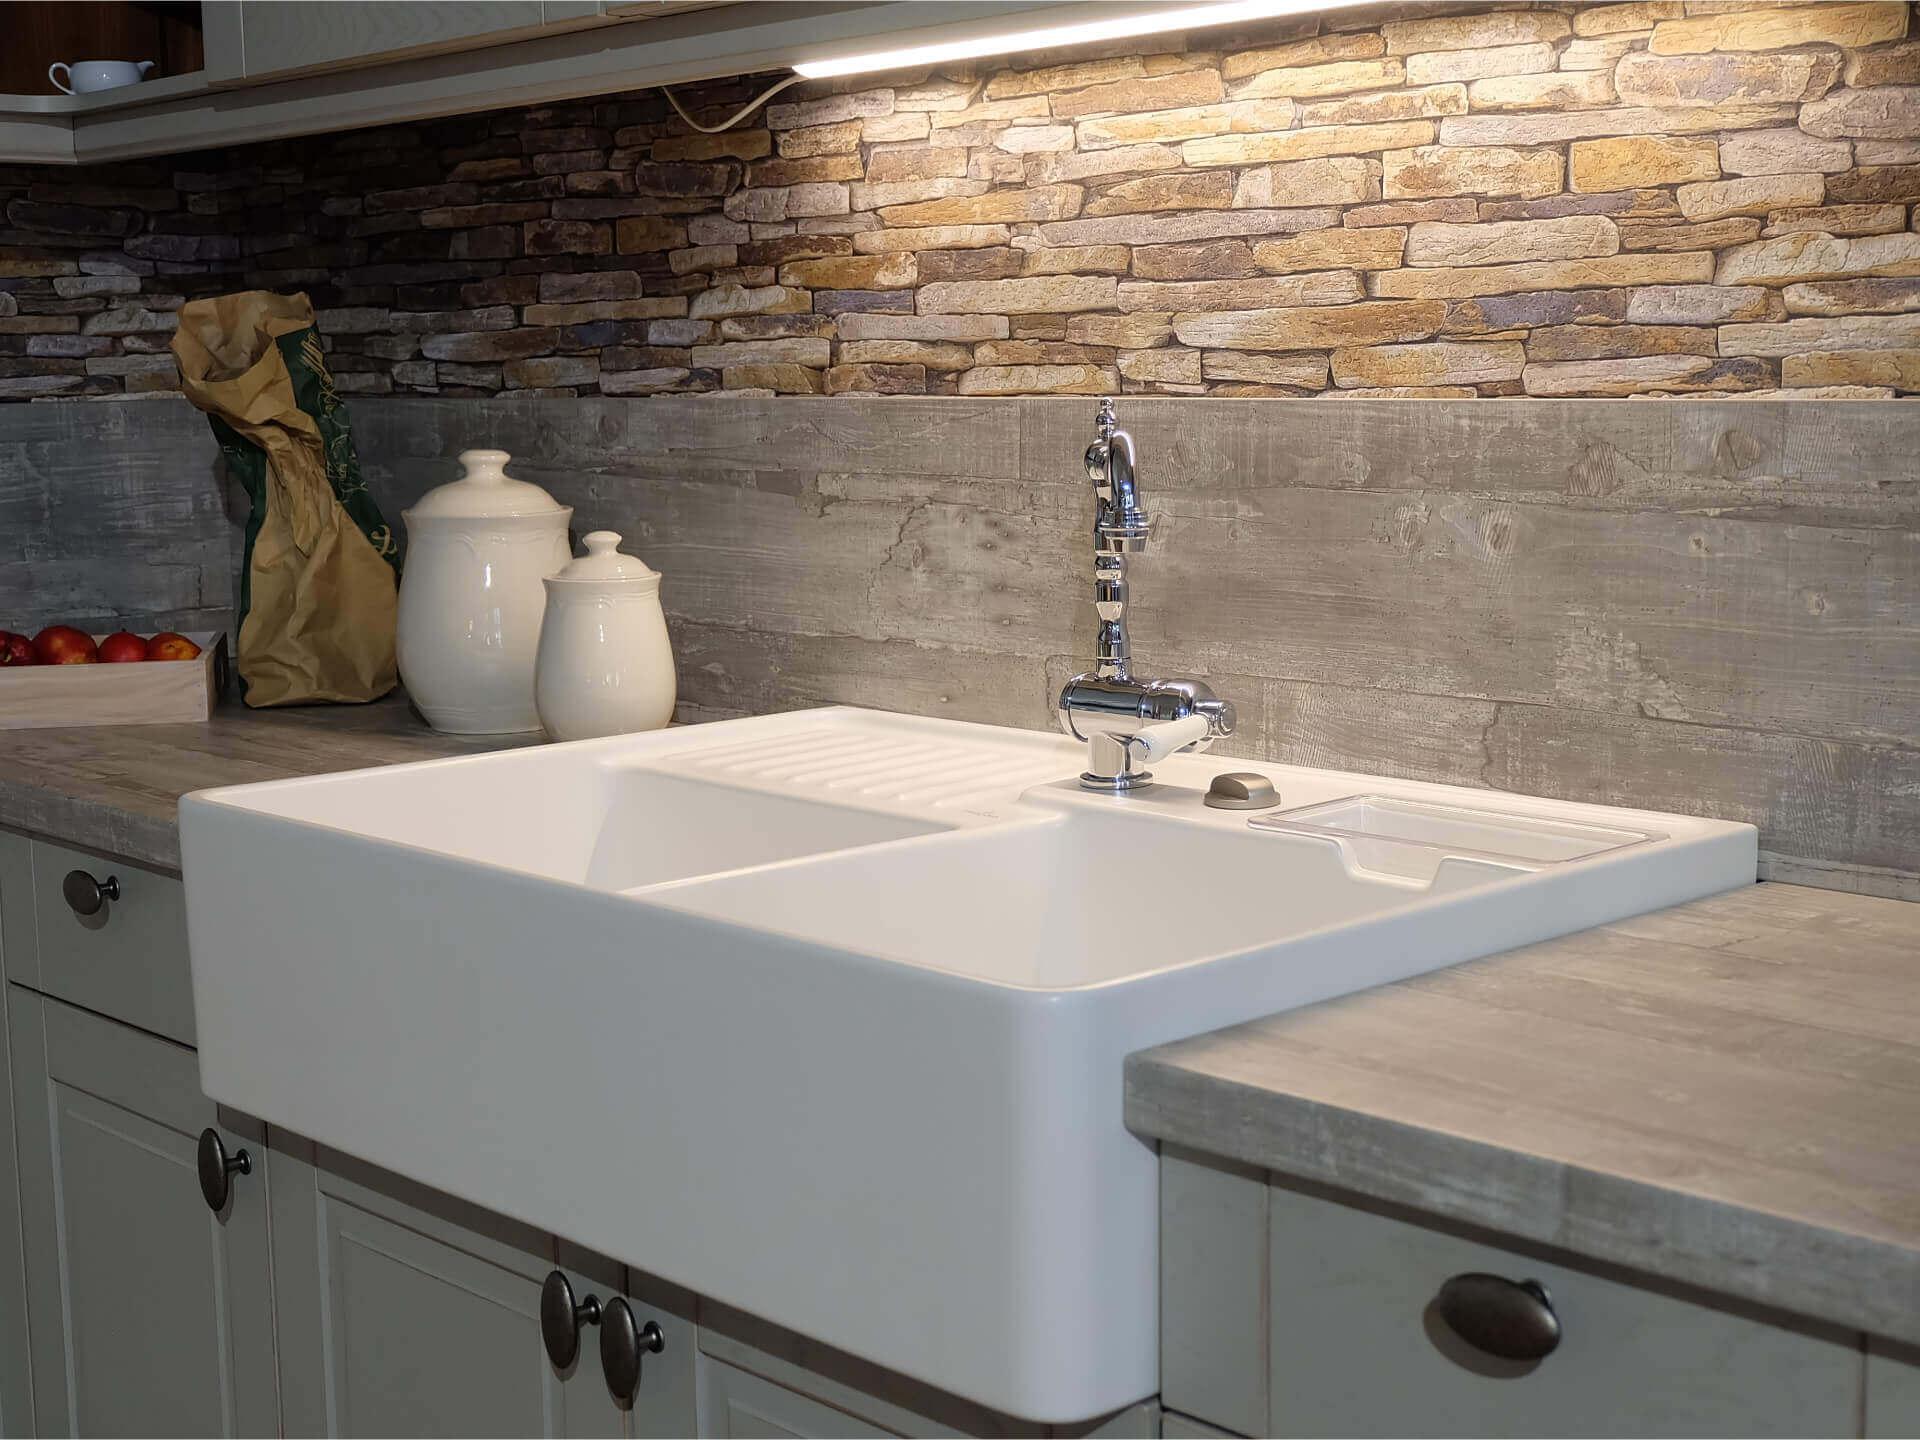 Spüle Küche Keramik